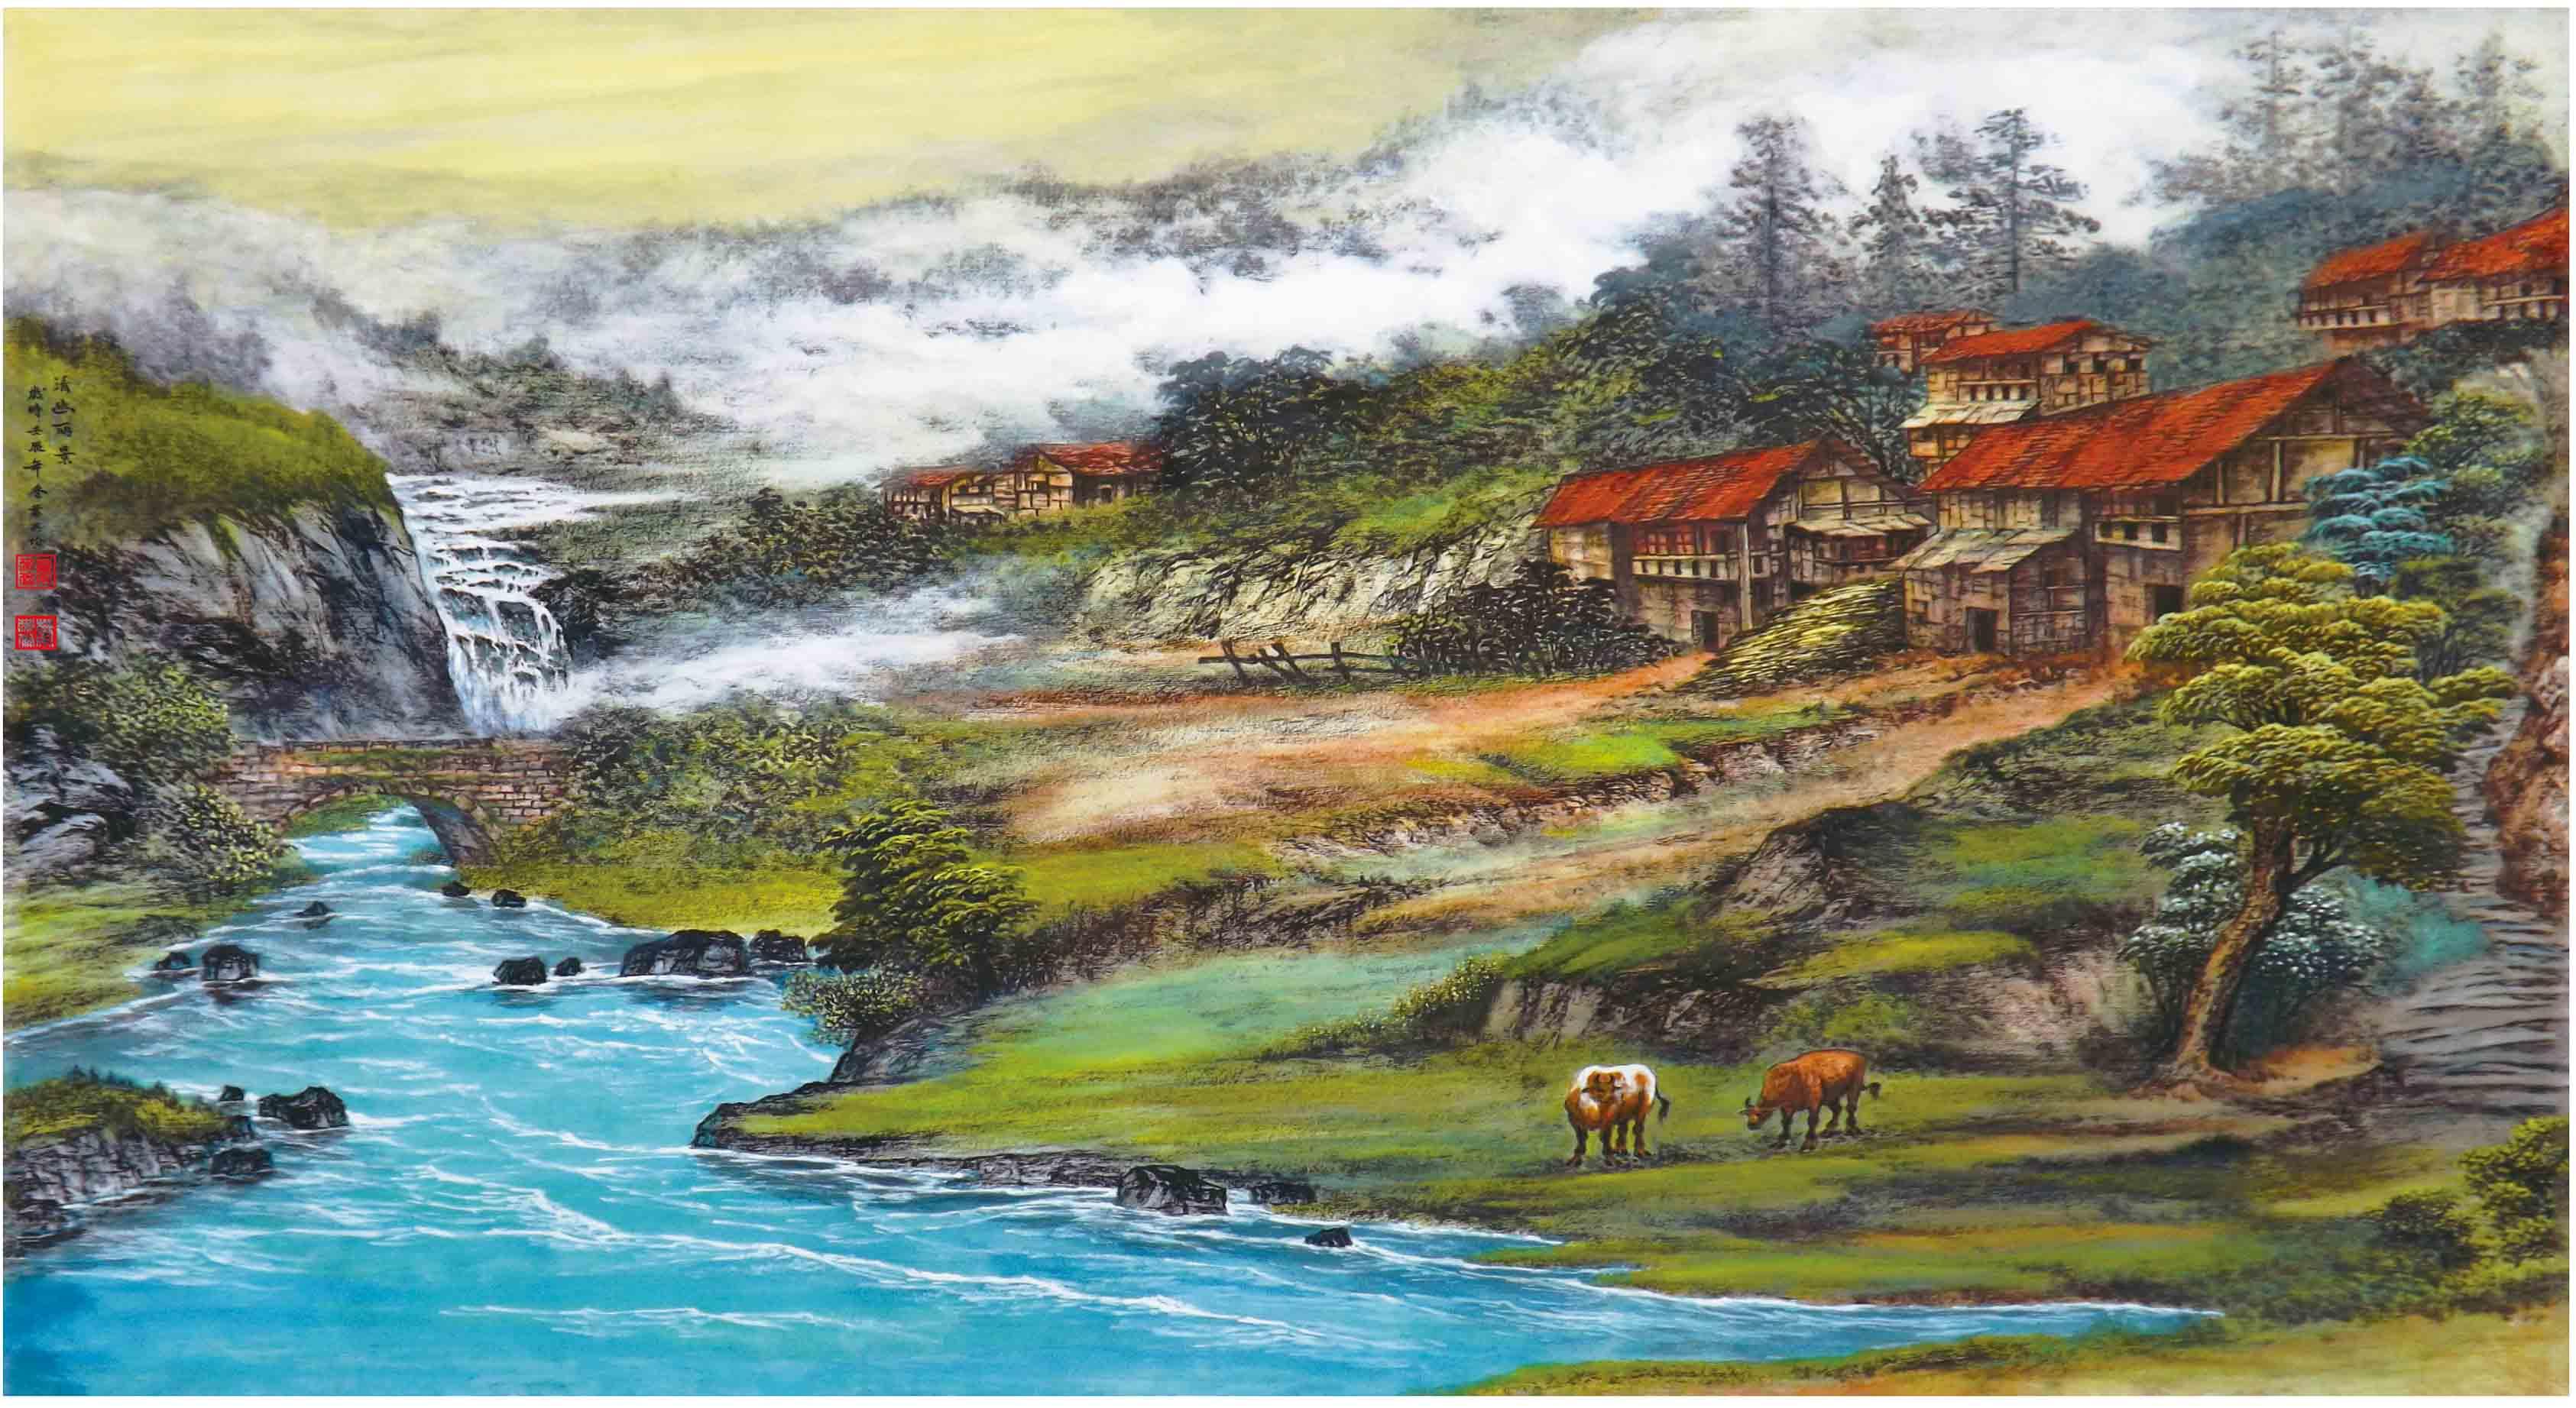 《清幽丽景》叶英伦原创写实景色代表作品